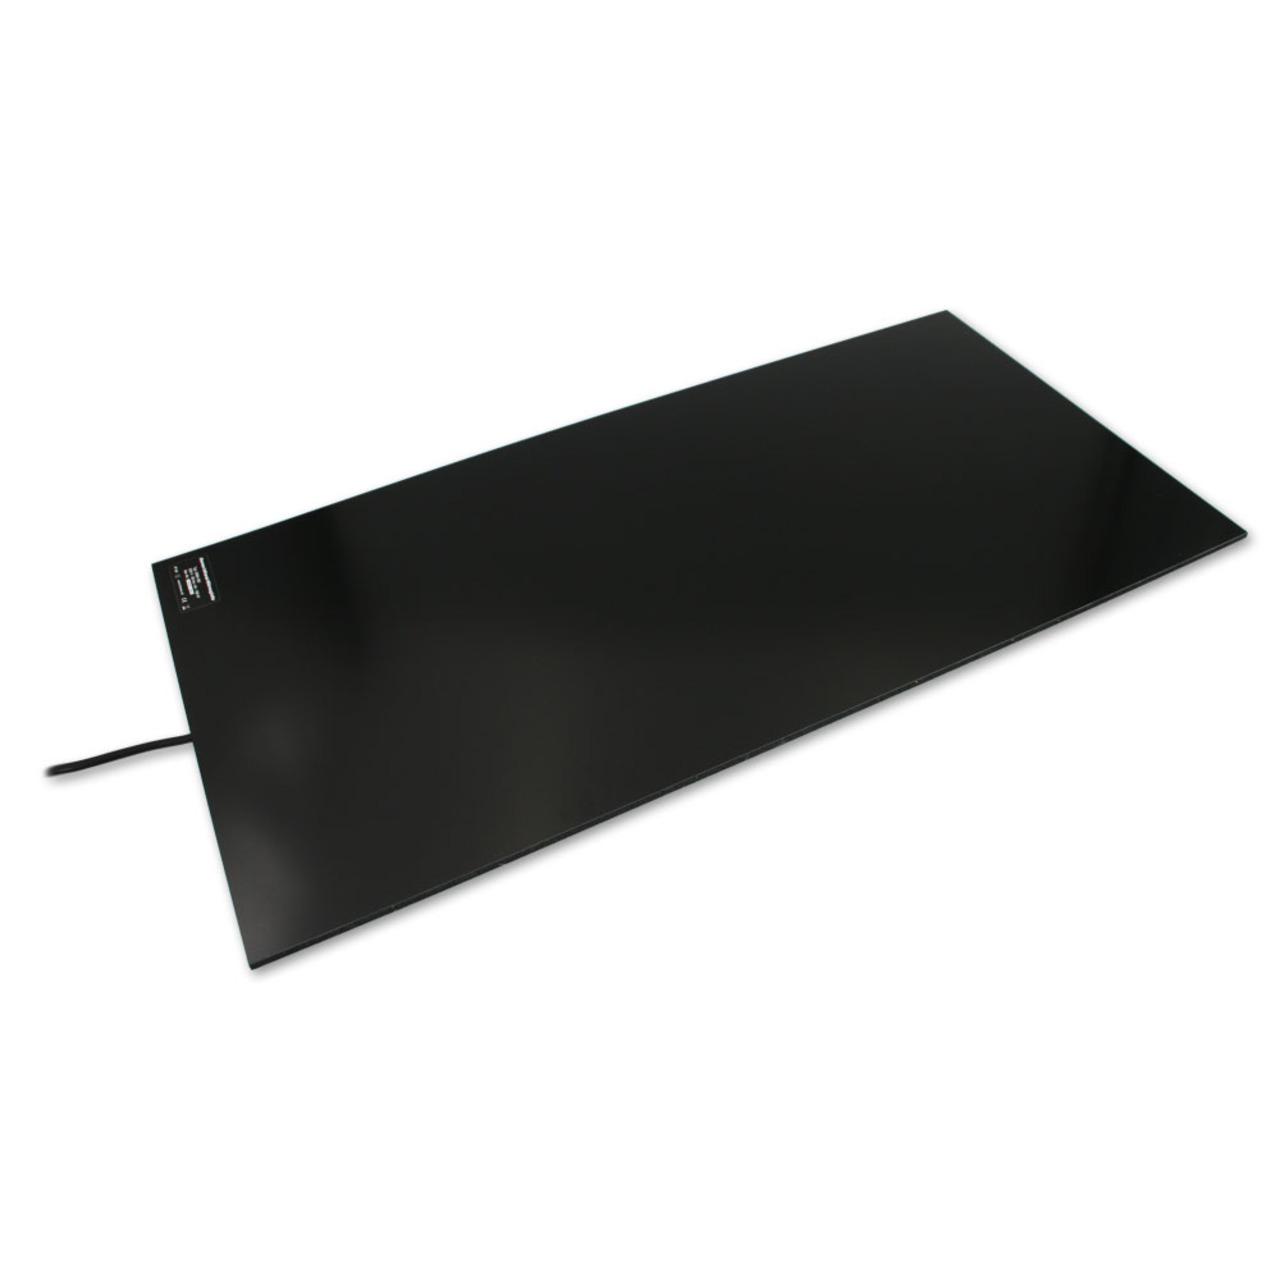 thermo 40 - 150 W Infrarot-Schreibtischheizung - Wärmeplatte